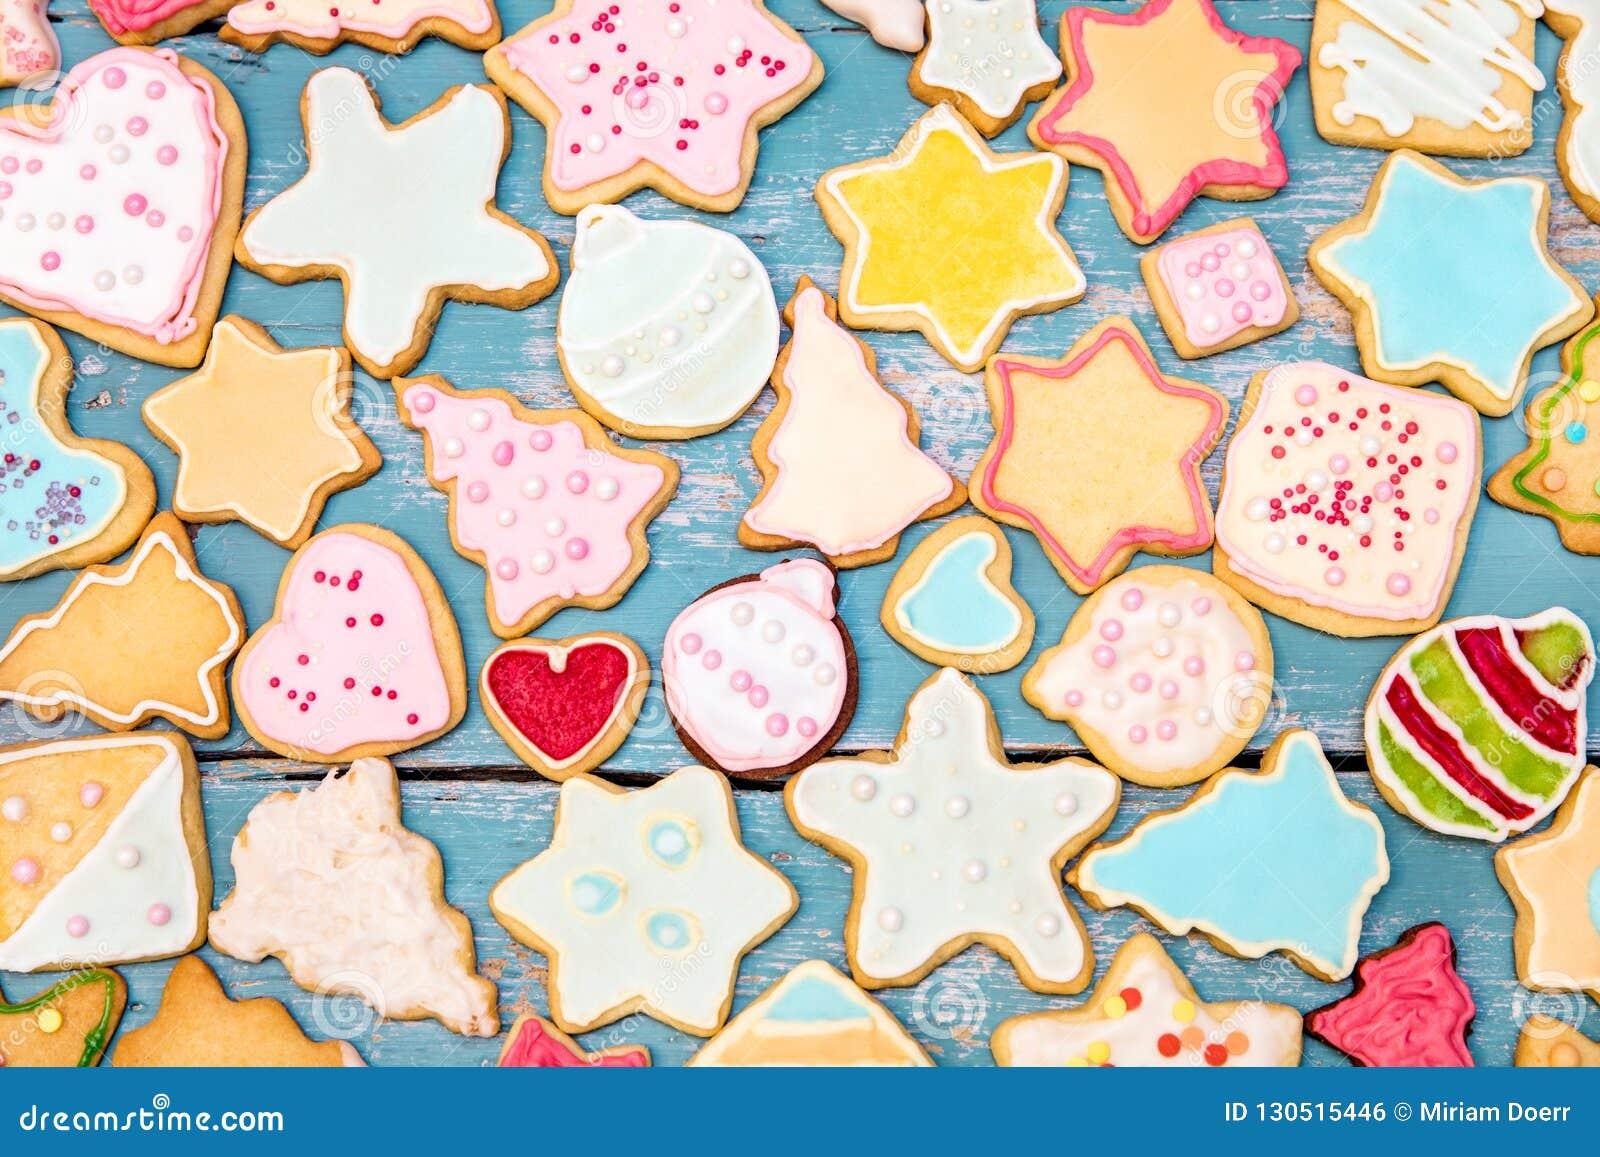 Royal Icing Christmas Cookies.Christmas Cookies With Frosting And Royal Icing Christmas